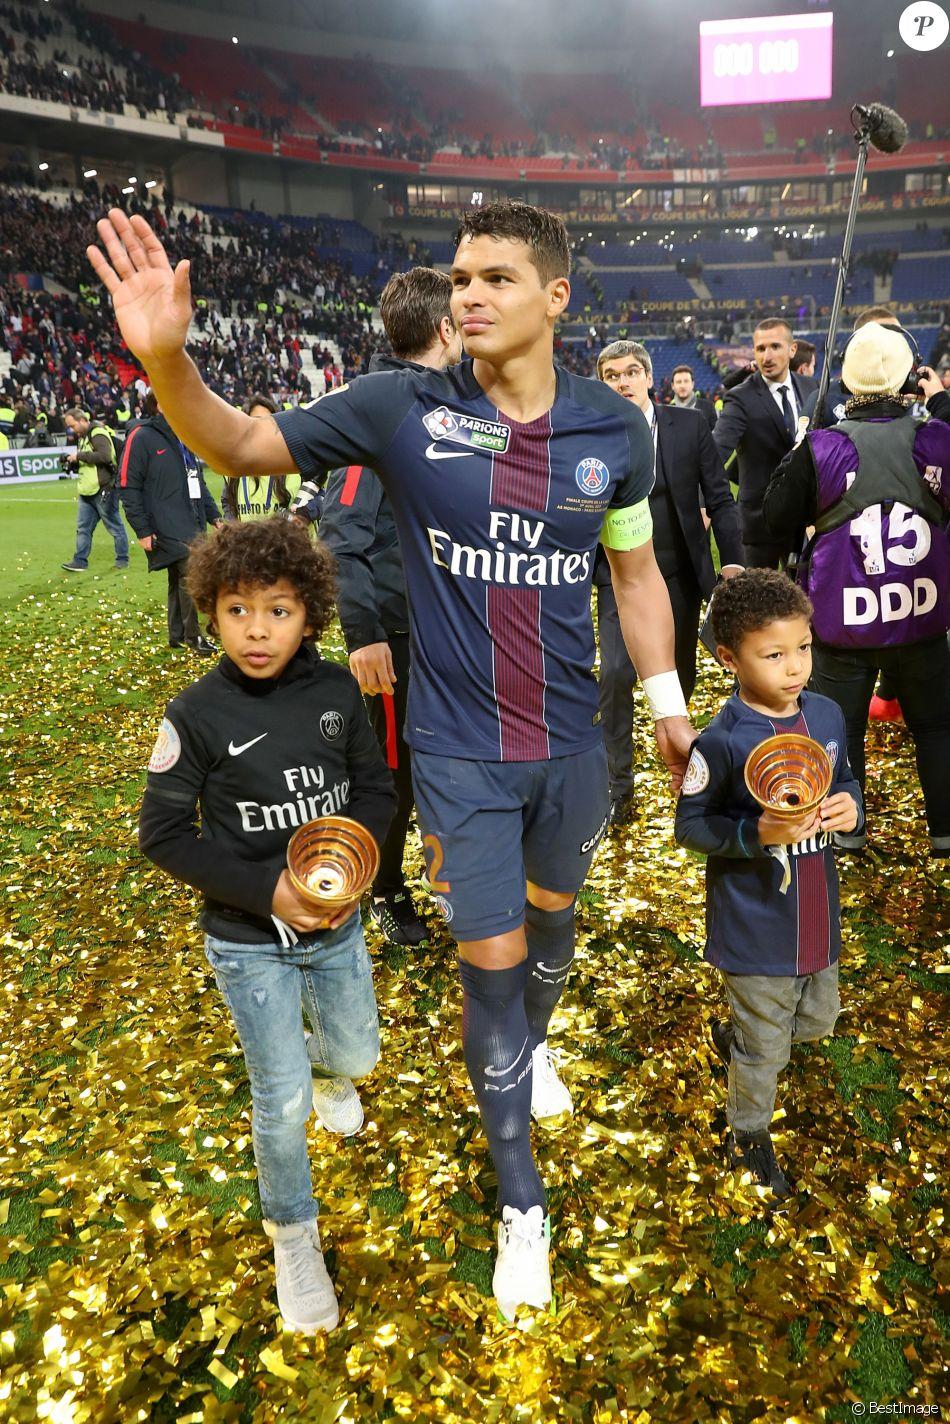 Thiago Silva et ses enfants - Le PSG (Paris-Saint-Germain) remporte la finale de la Coupe de la Ligue 2017 (4-1) face à l'ASM (Association Sportive de Monaco) au Parc OL à Lyon, le 1er avril 2017. © Cyril Moreau/Bestimage